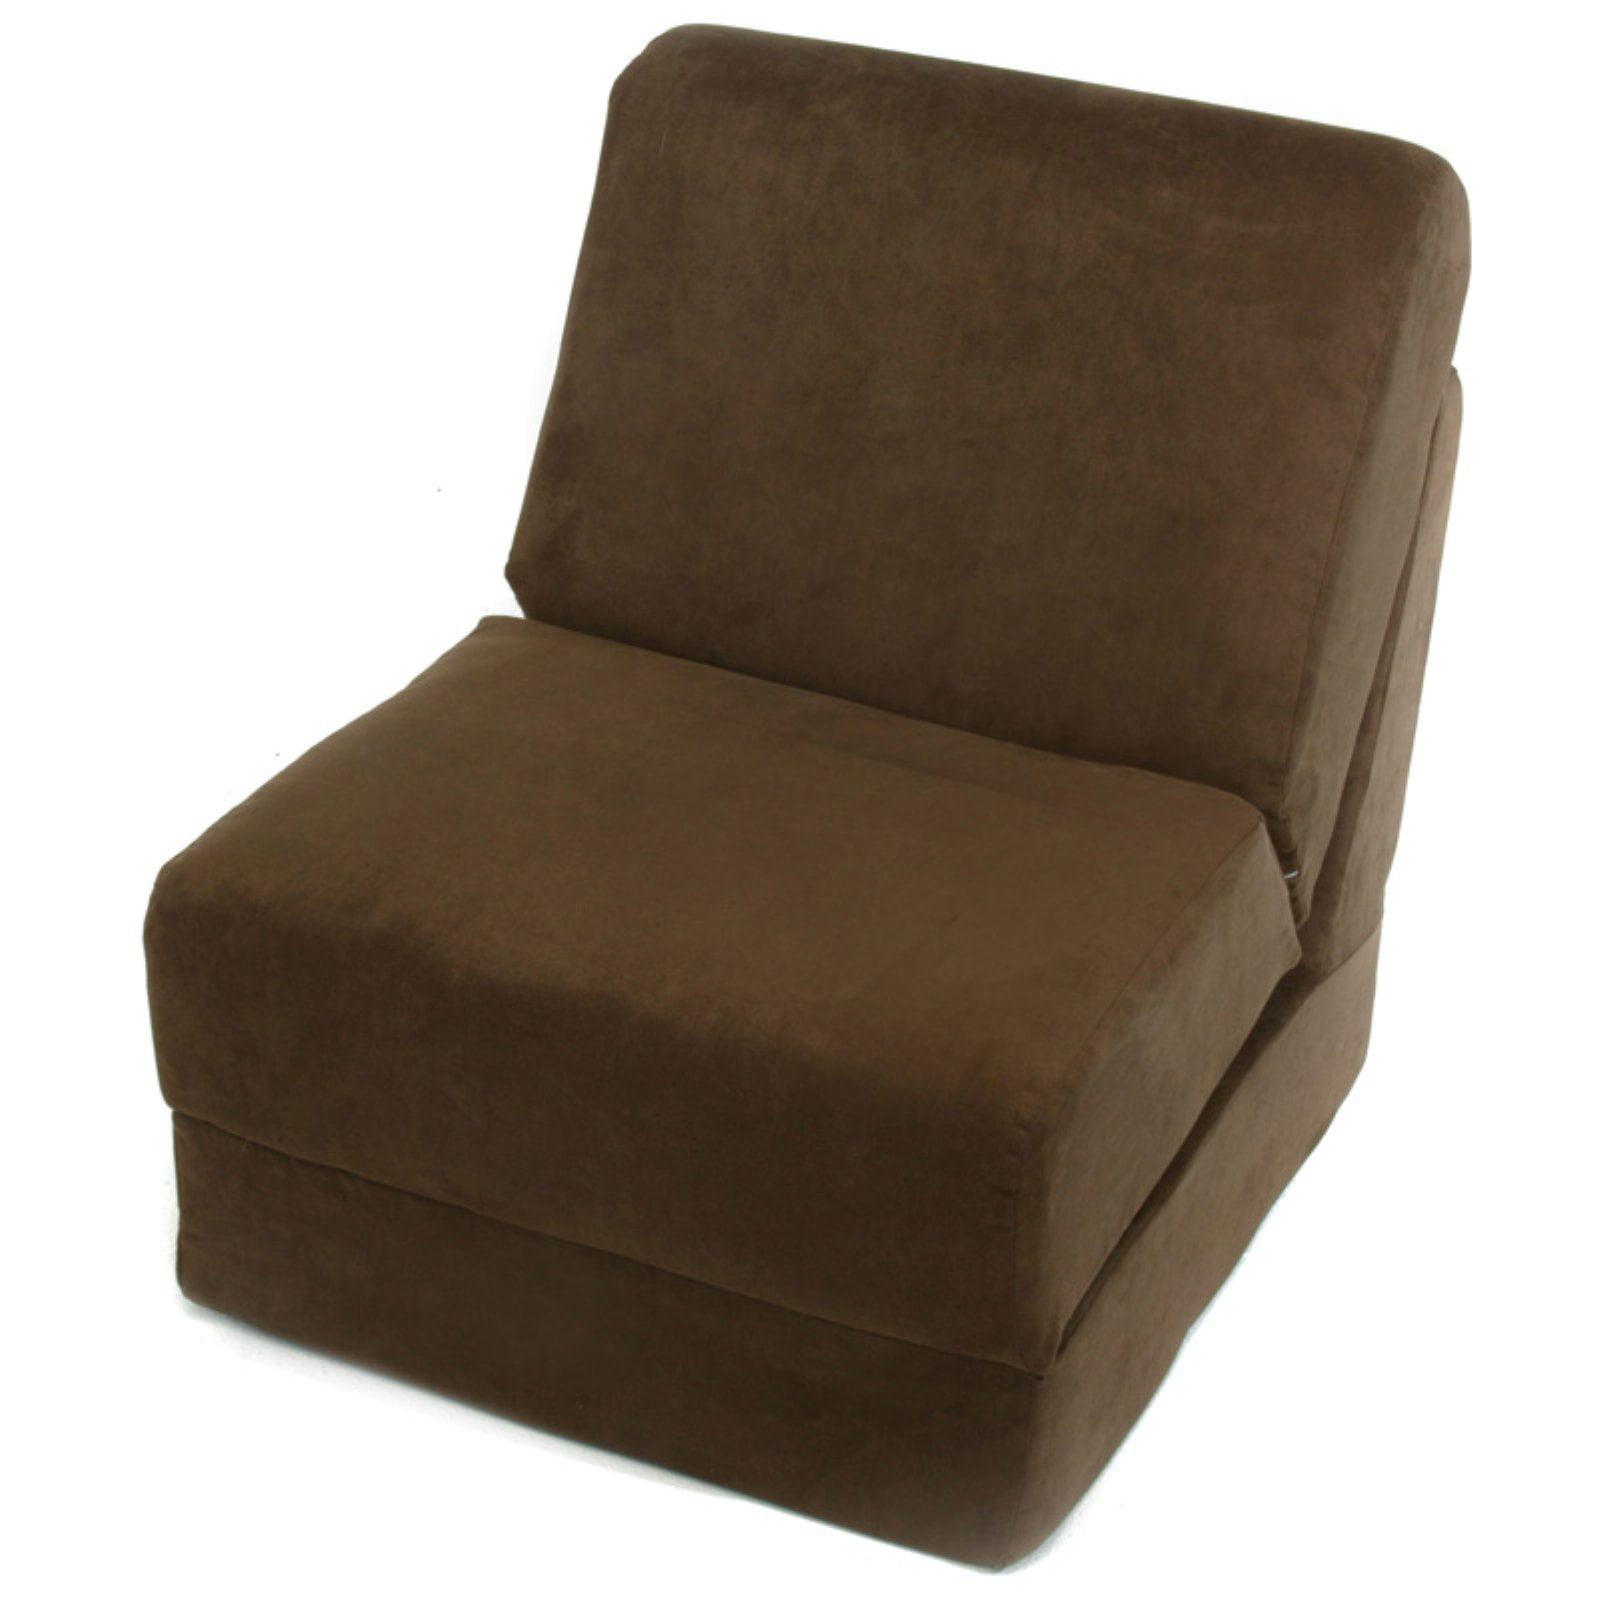 Fun Furnishings Micro Suede Teen Sleeper Chair